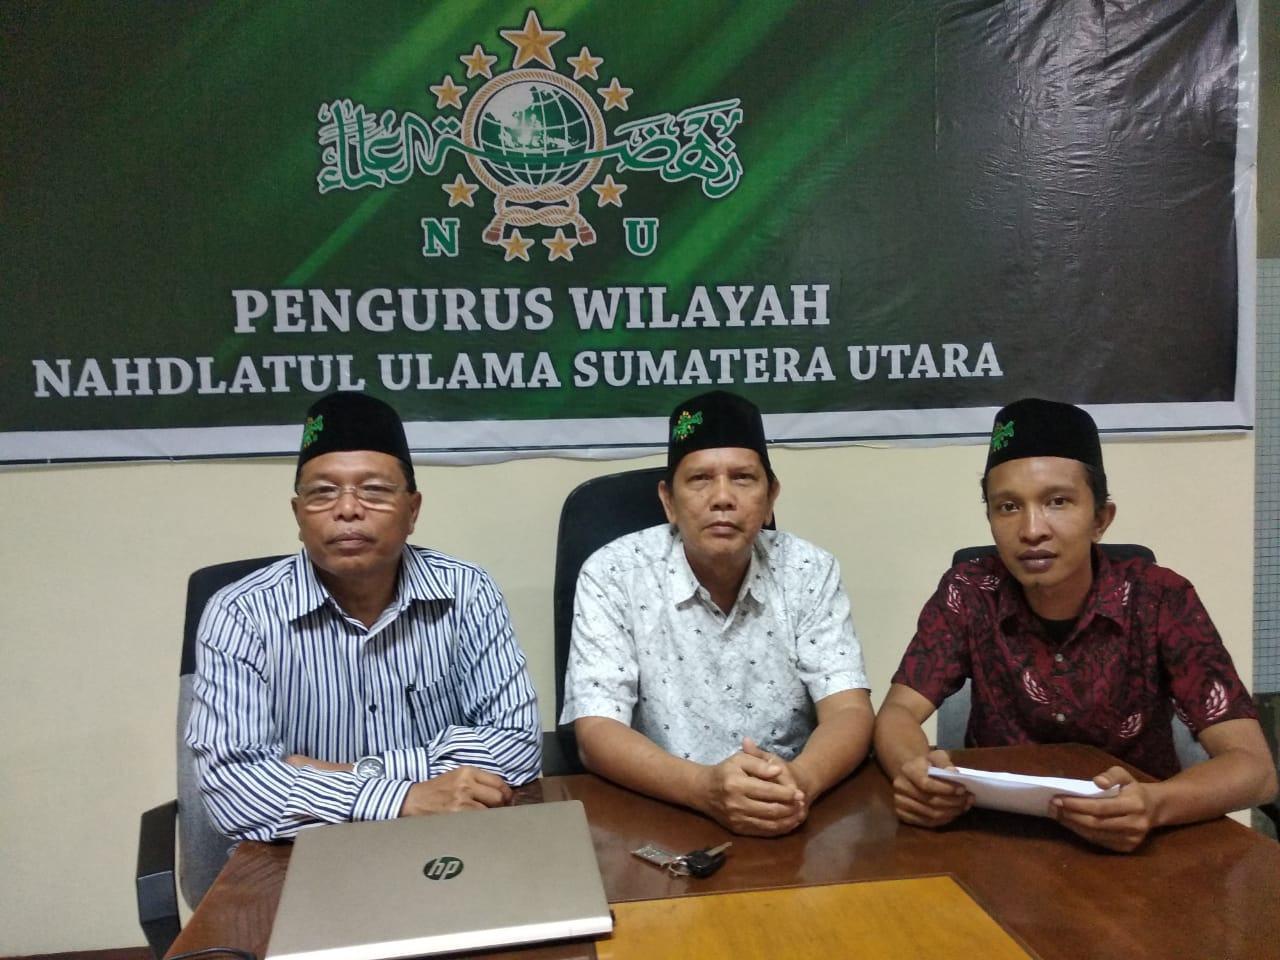 NU Sumatera Utara, Buat Semarak Harlah NU ke-94